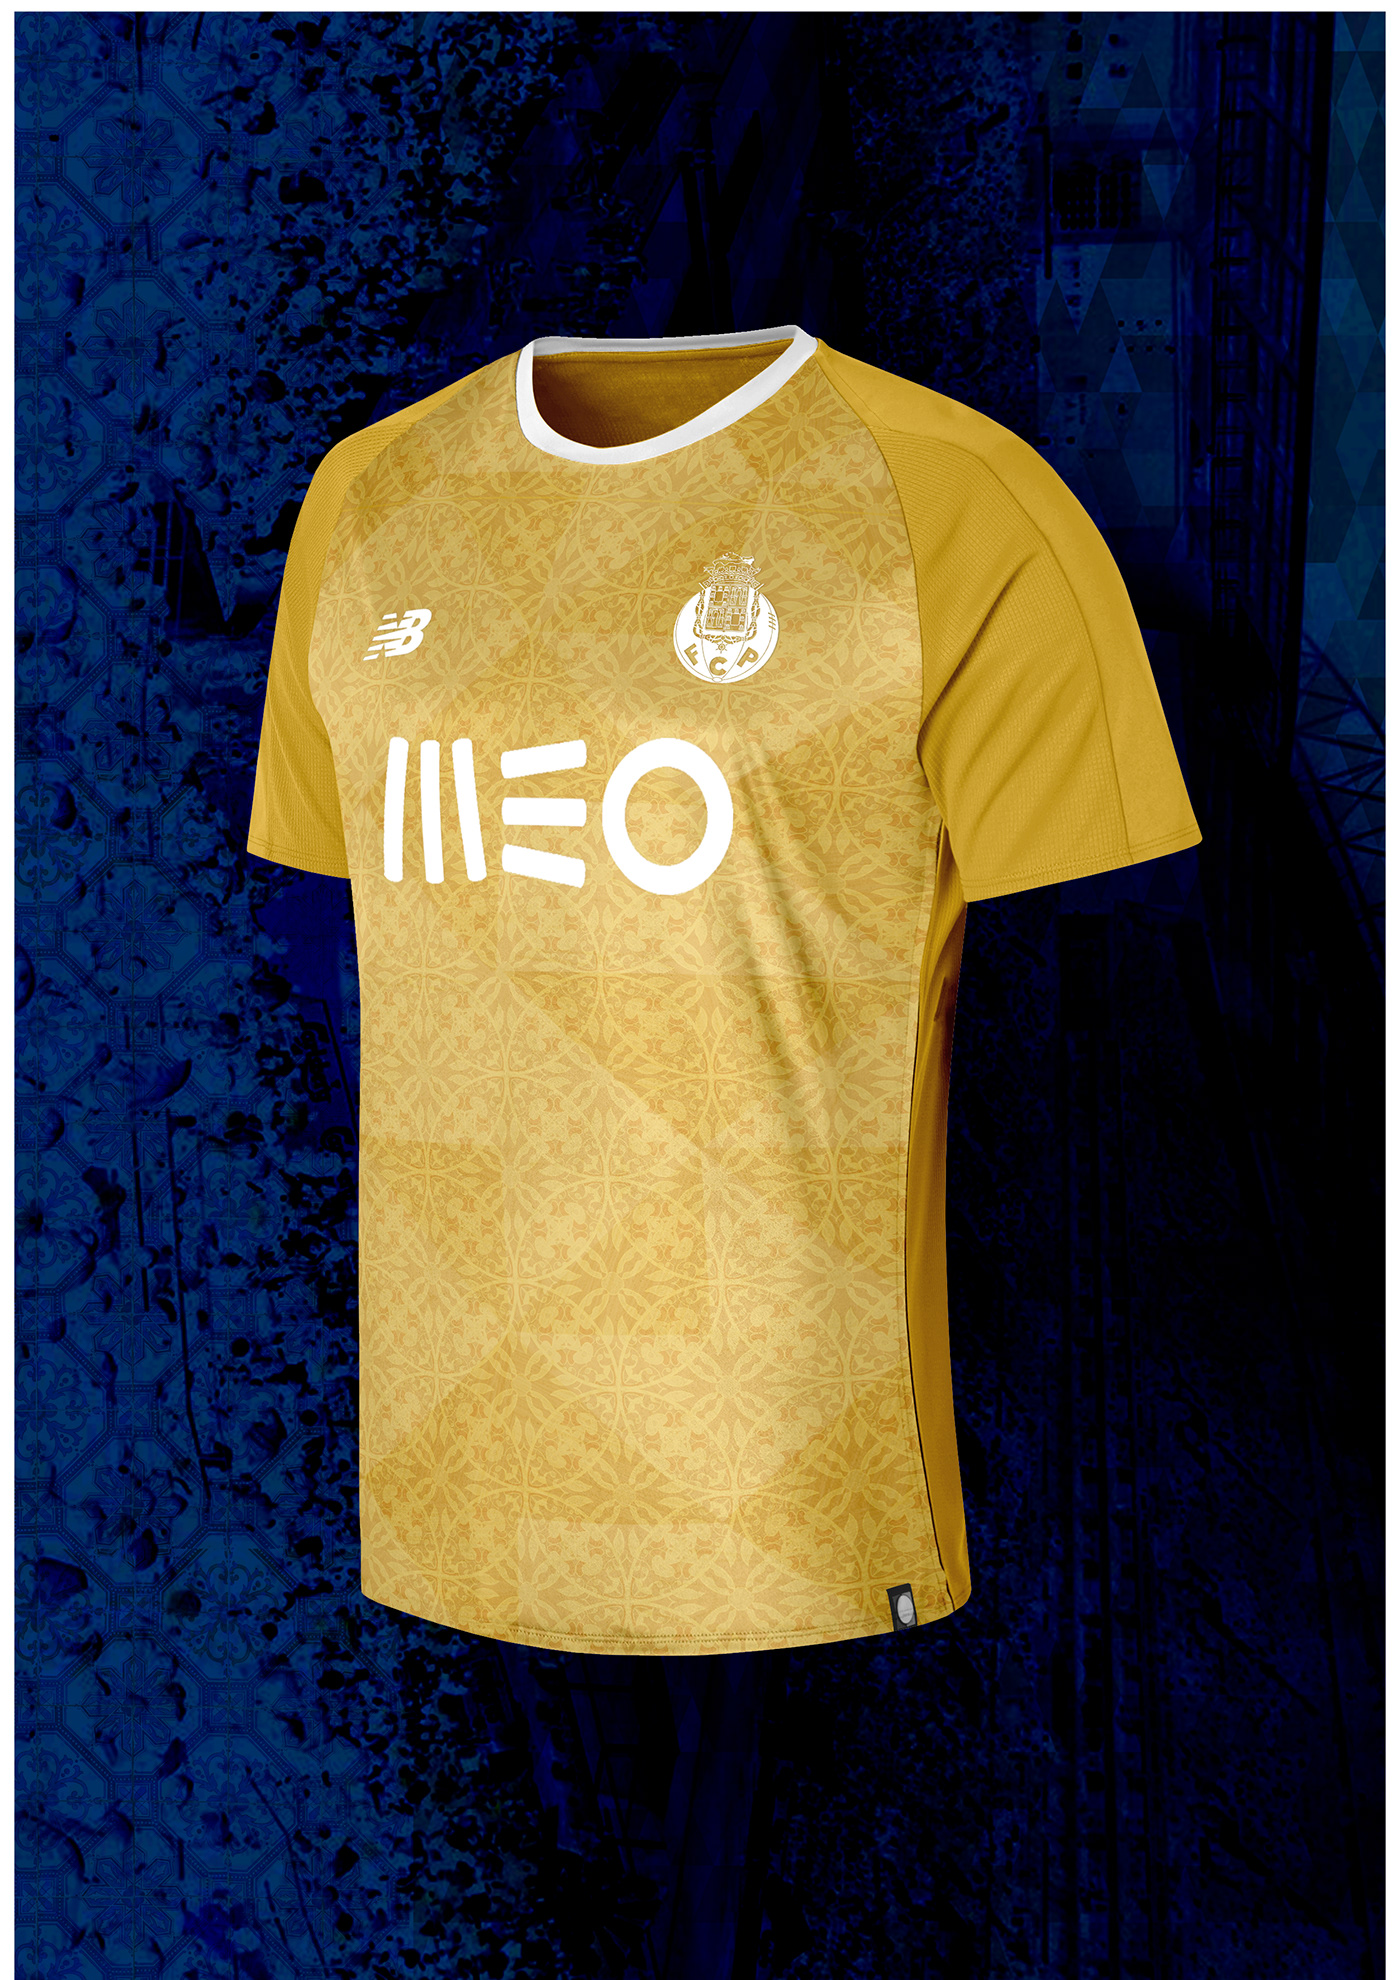 porto fc porto kit Futbol soccer equipaciones Portugal